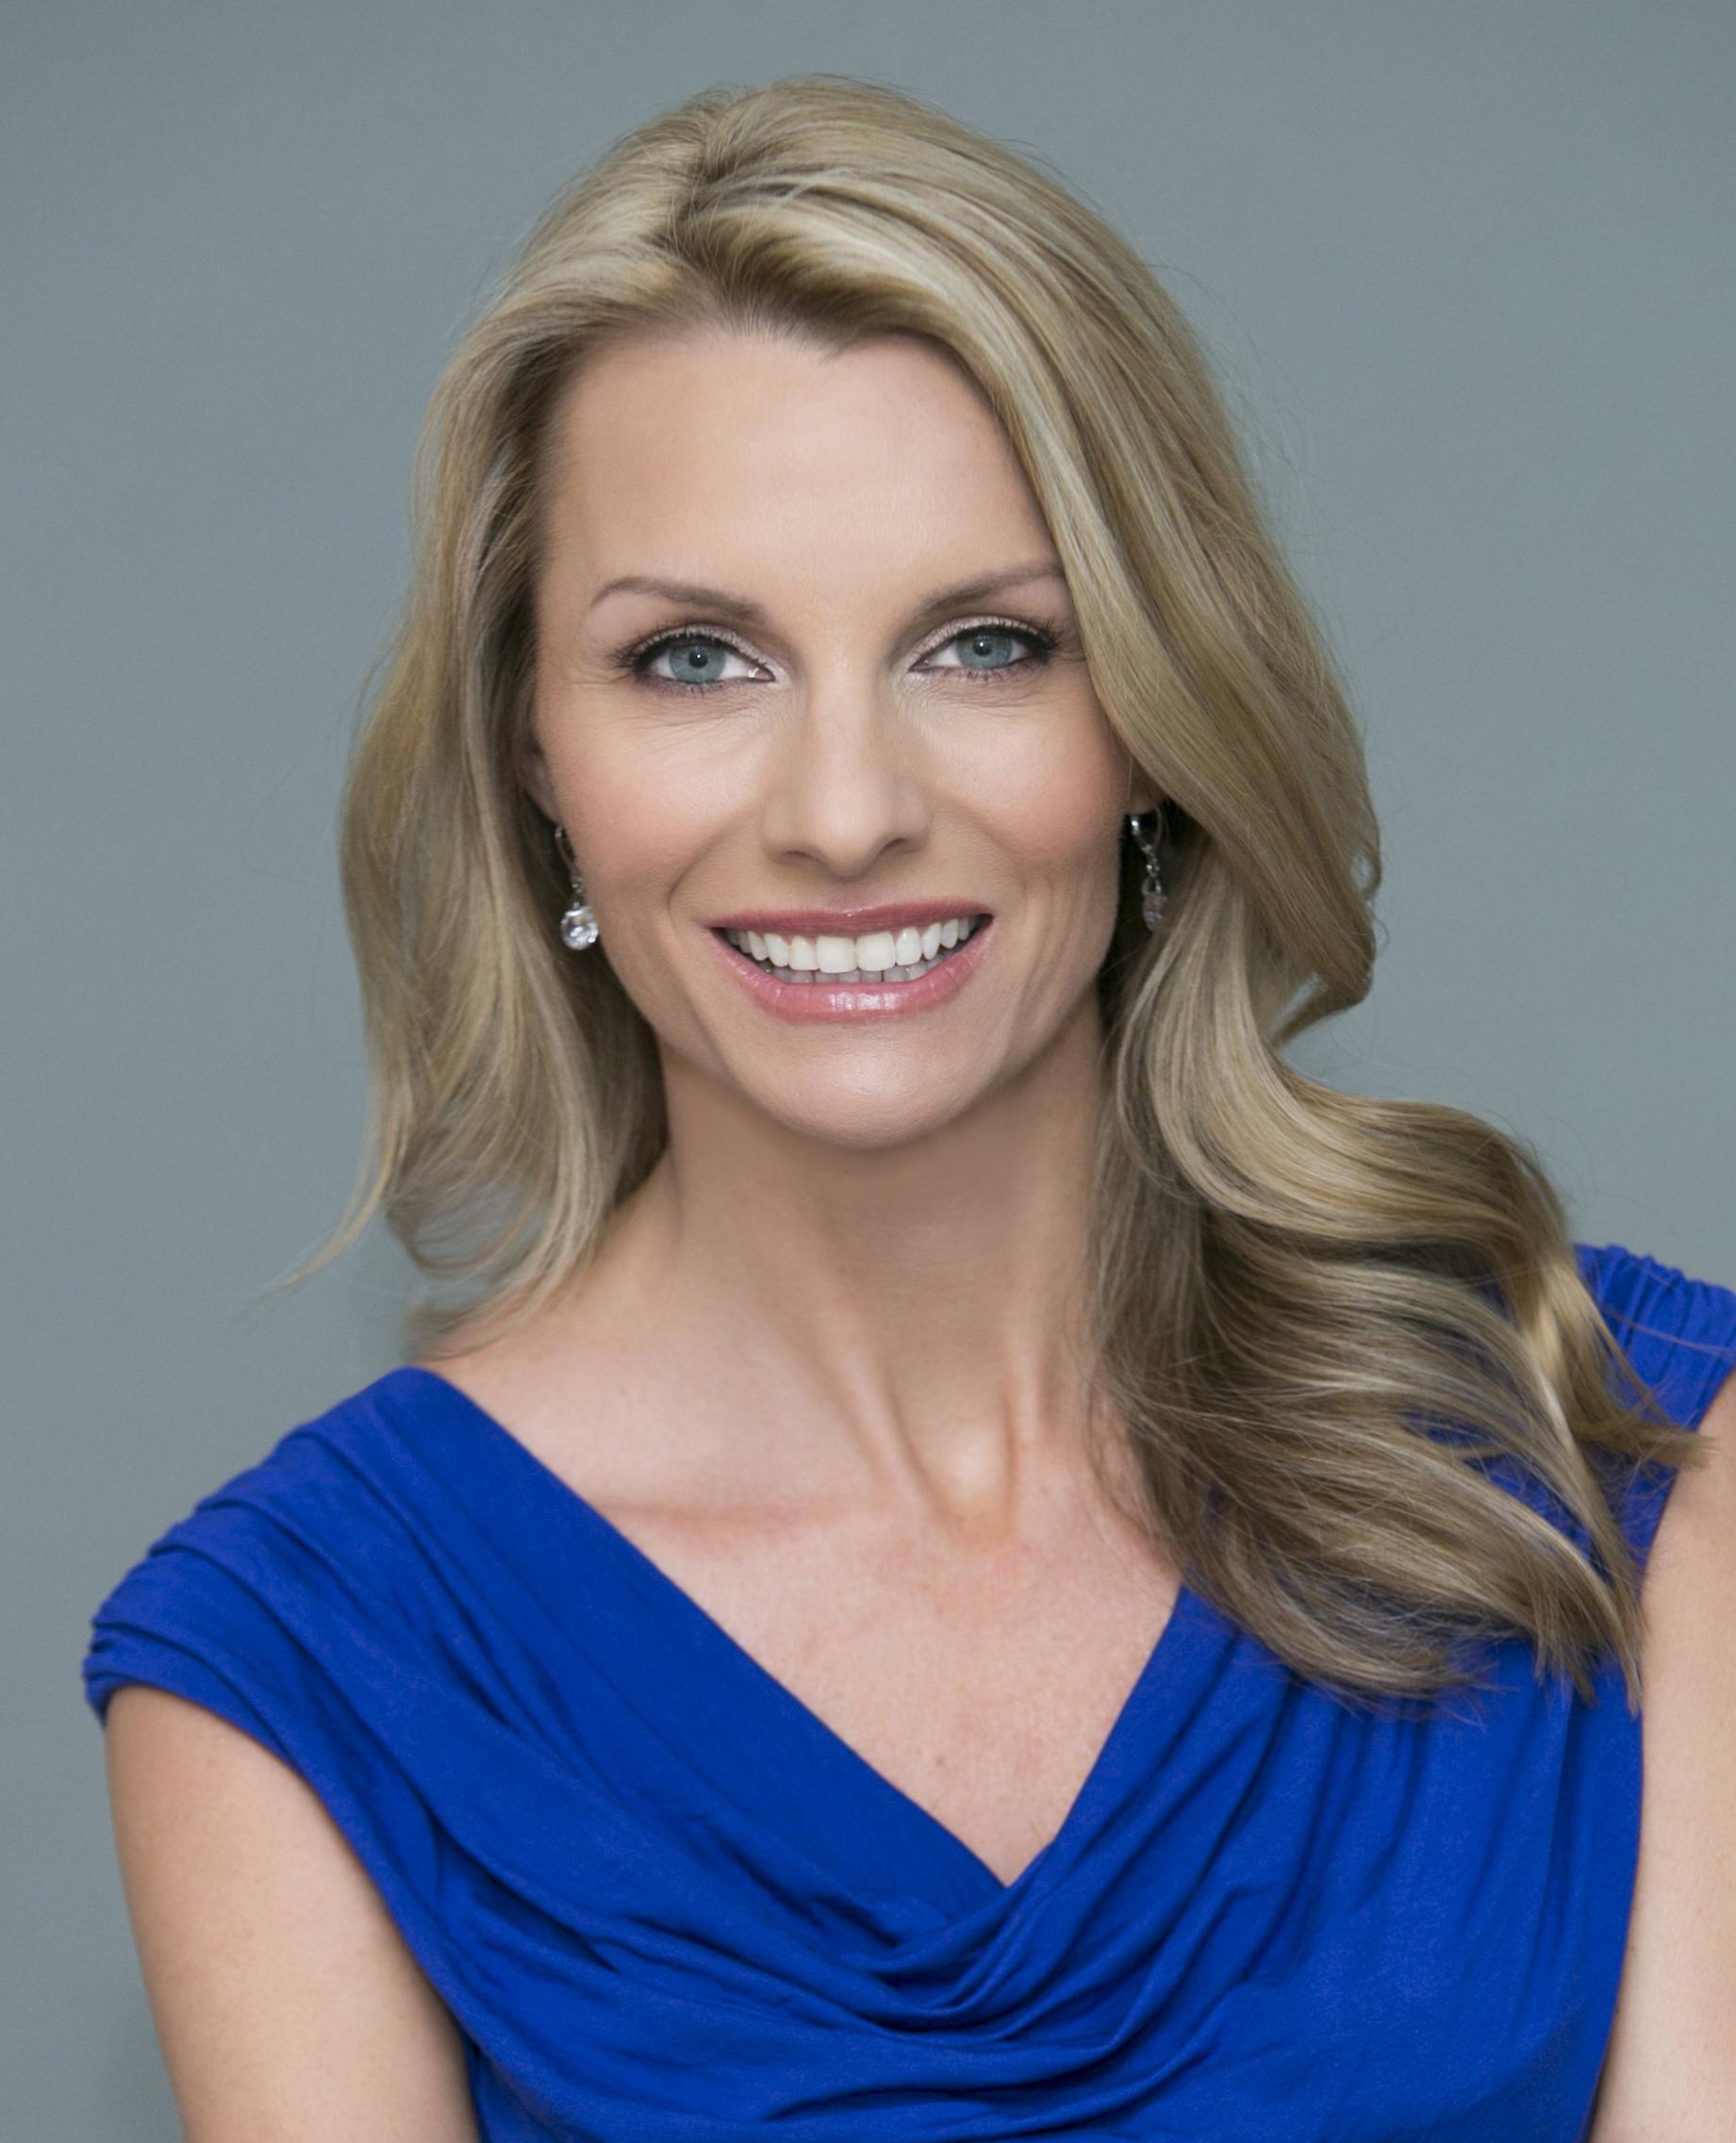 FOX Sports Arizona reporter Jody Jackson